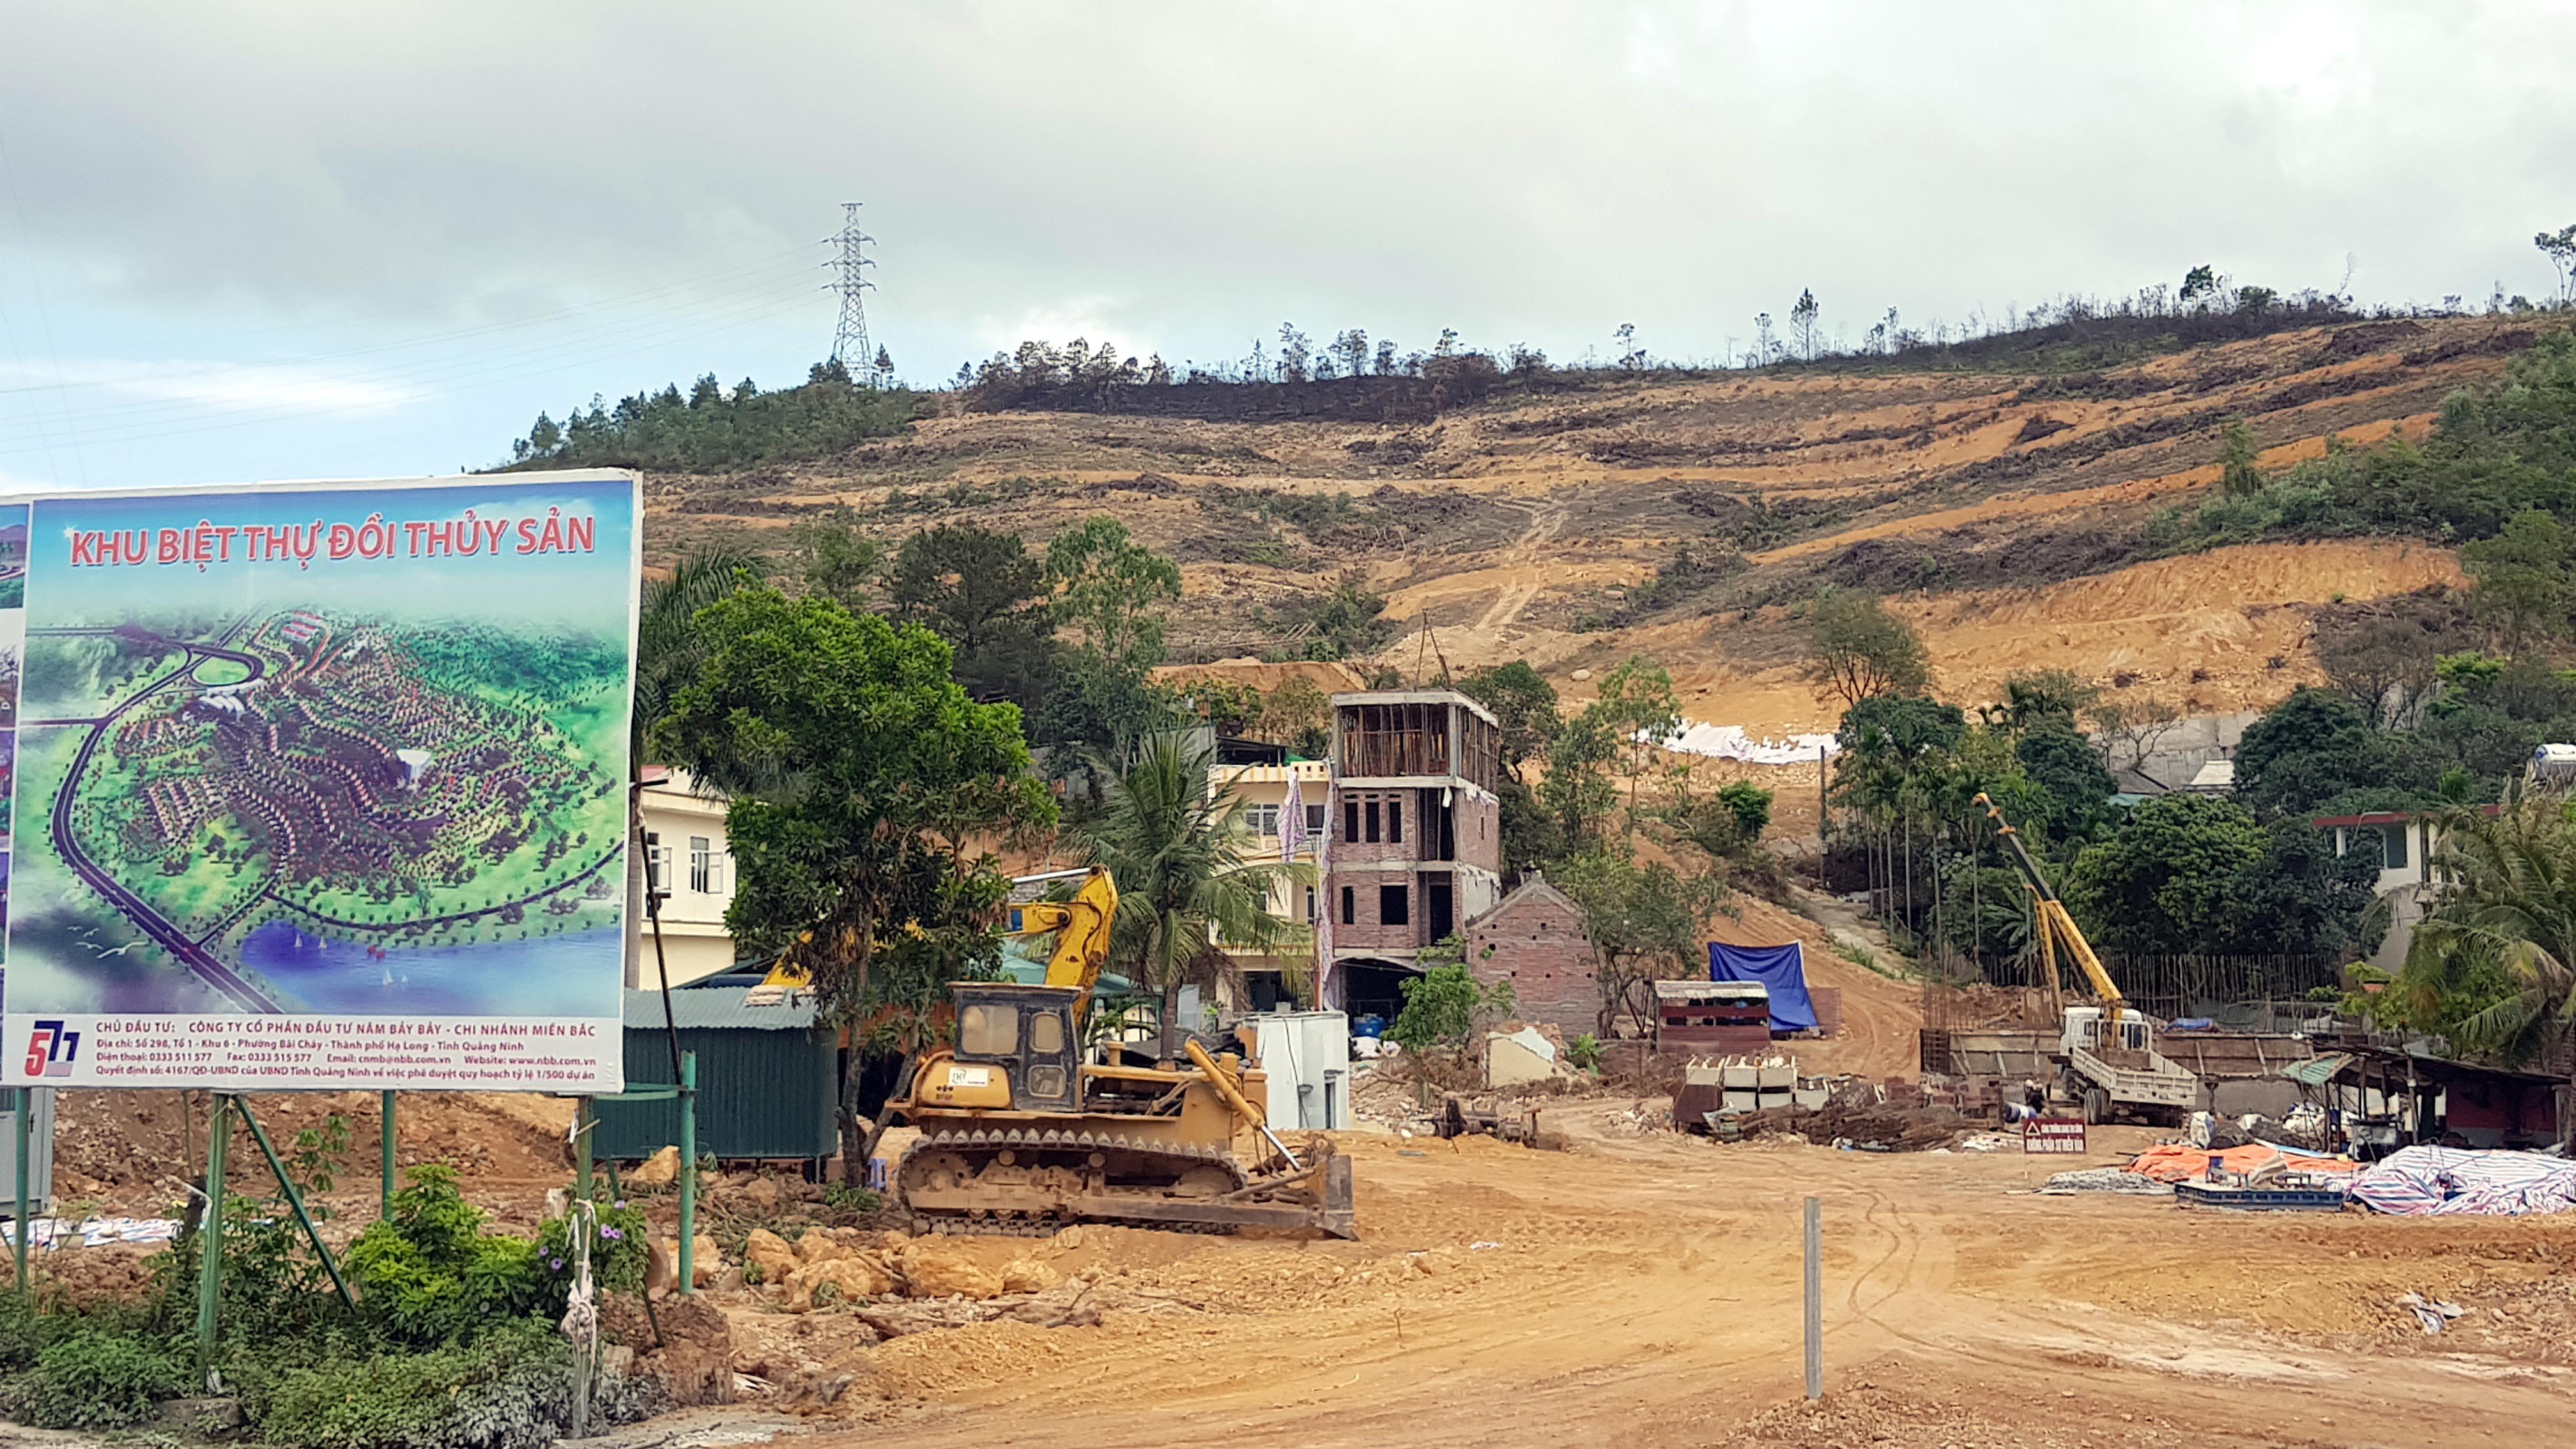 Cơ hội vàng đầu tư đất nền đồi thủy sản tp Hạ Long , Quảng Ninh giá hấp dẫn 10.5tr/m2